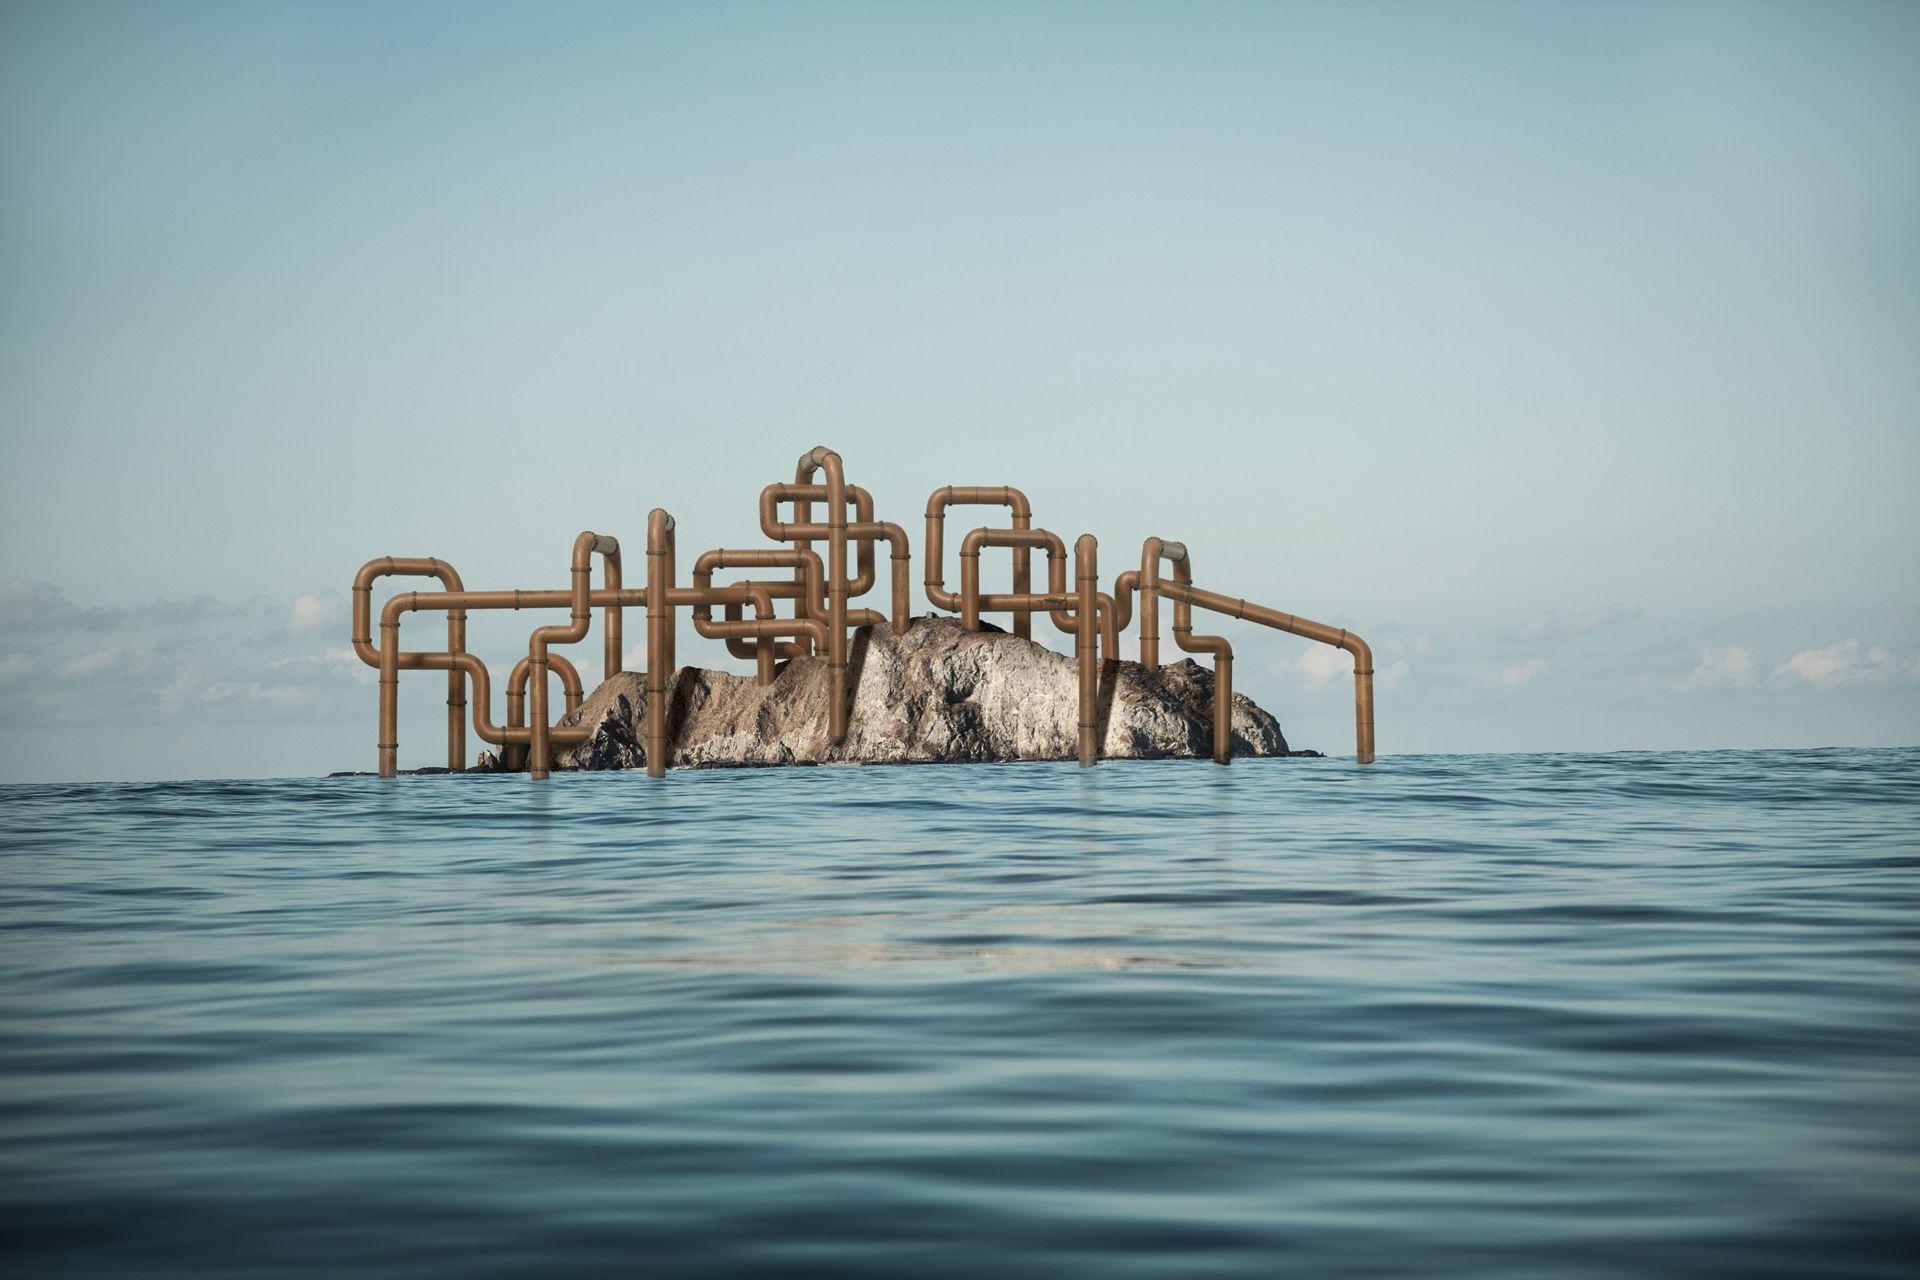 plusieurs pipeline passant à travers un rocher au milieu de l'océan par Simon Duhamel pour Pipeline